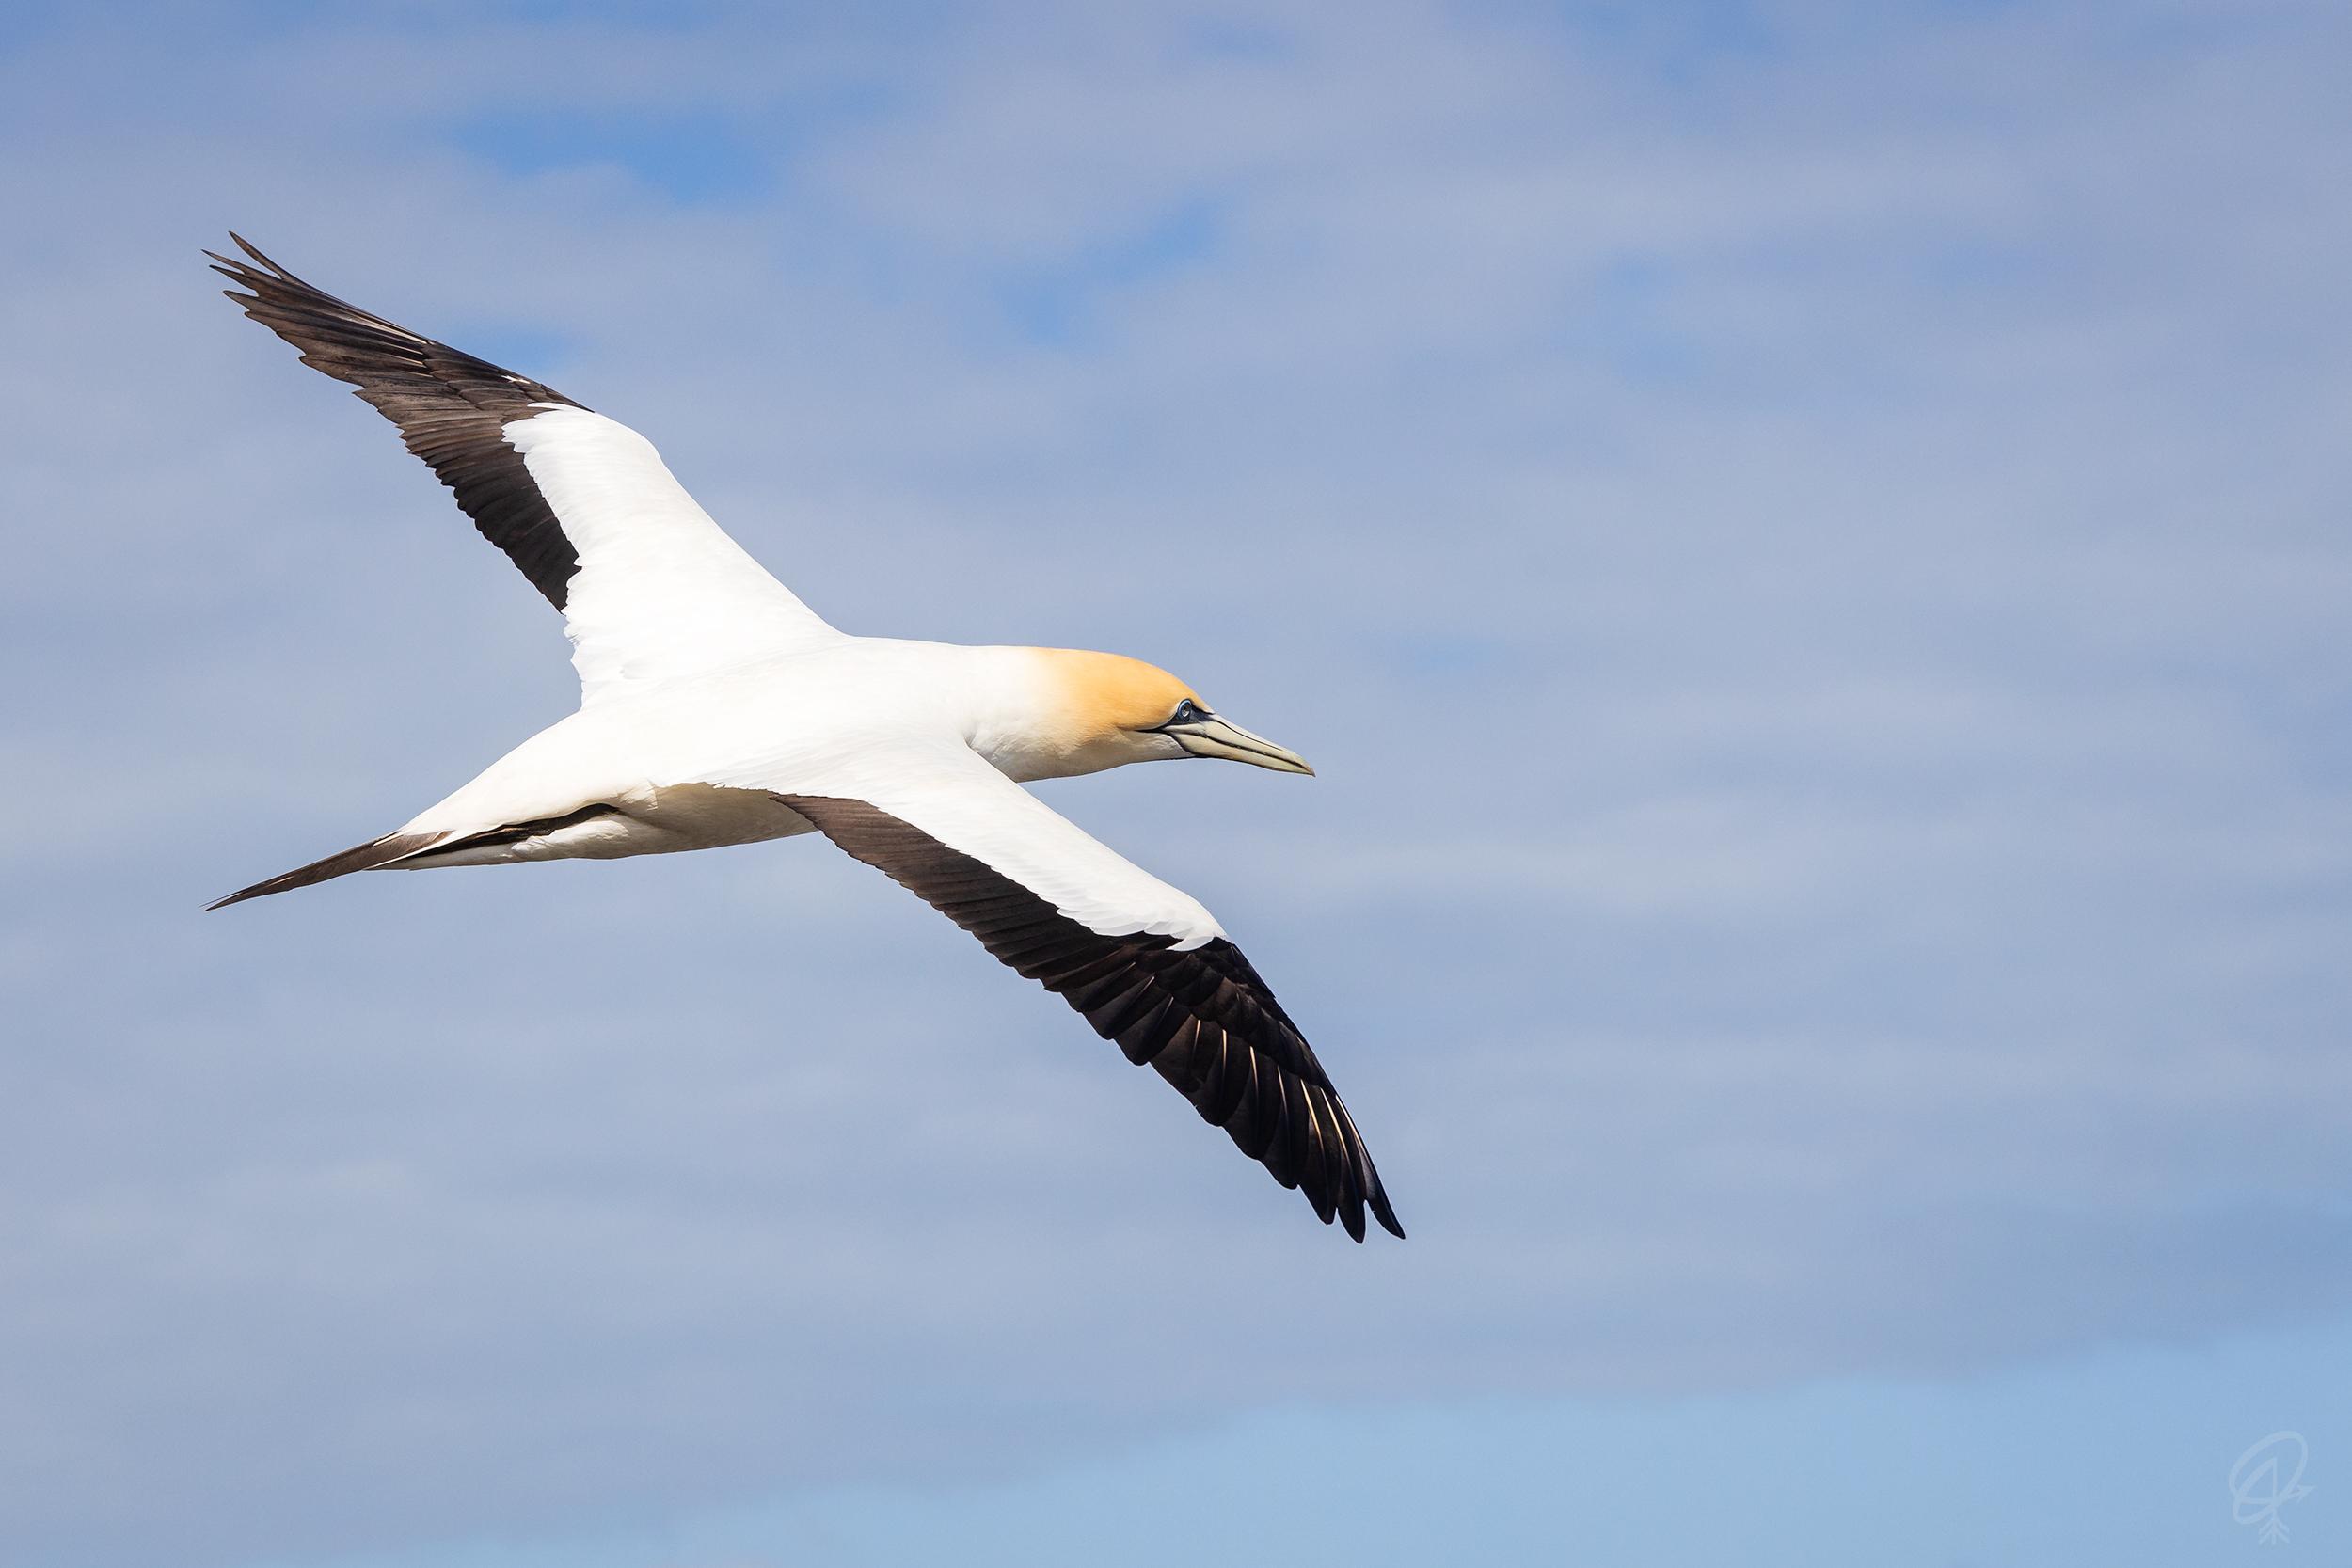 flying gannet